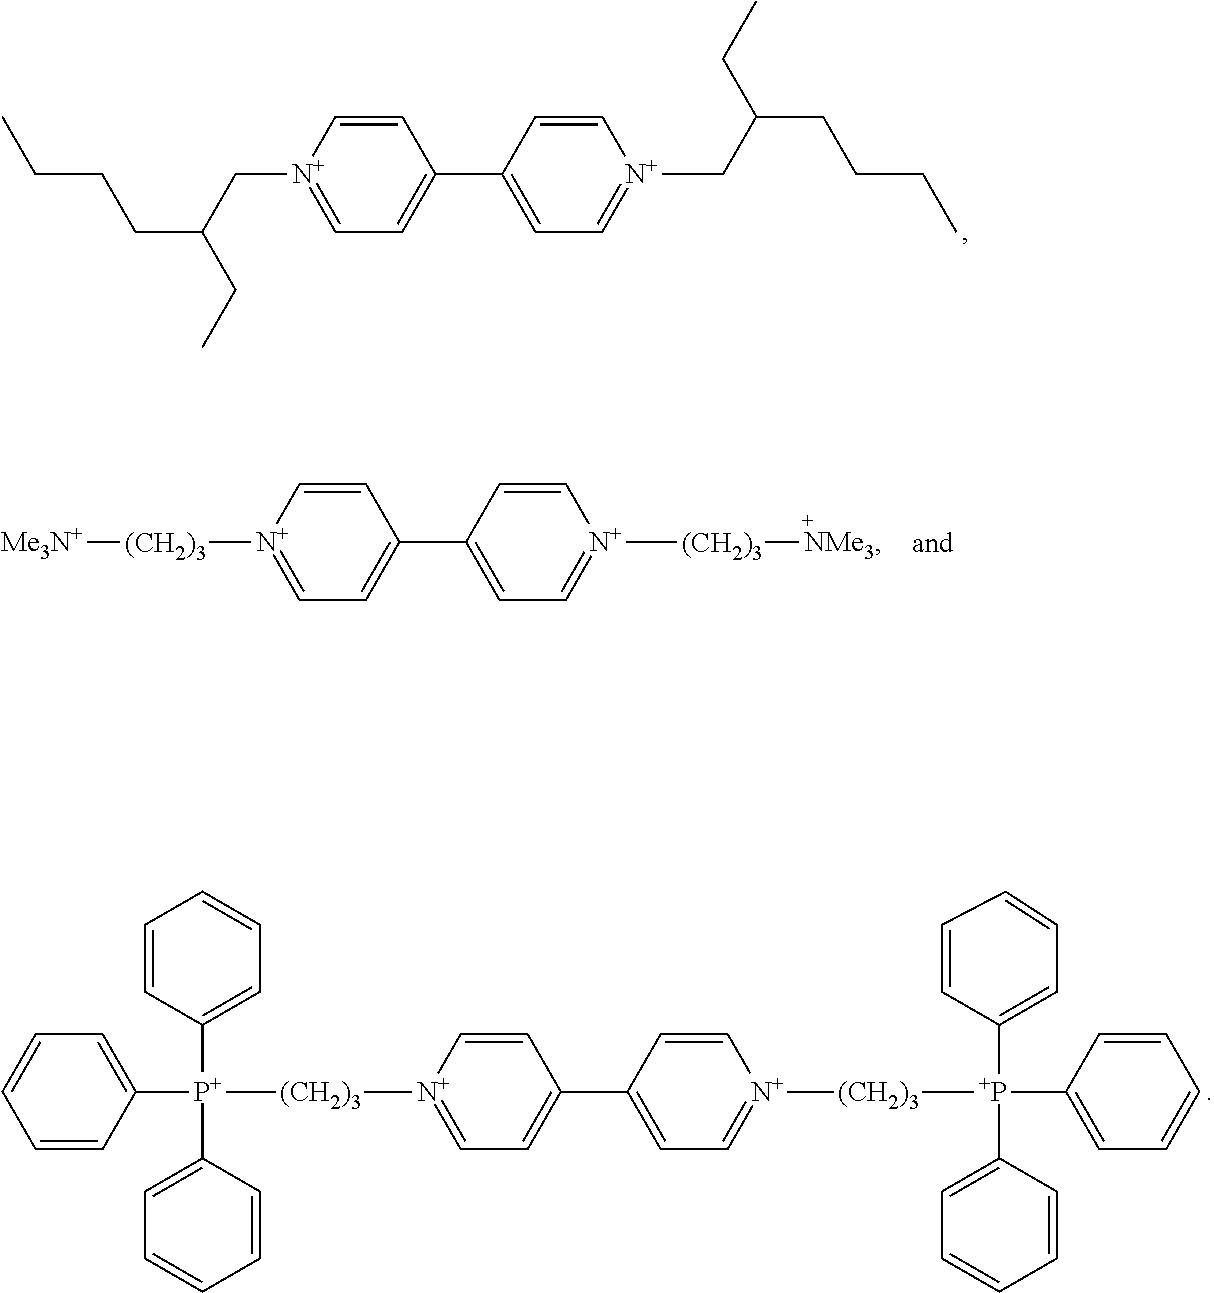 Figure US09939701-20180410-C00012